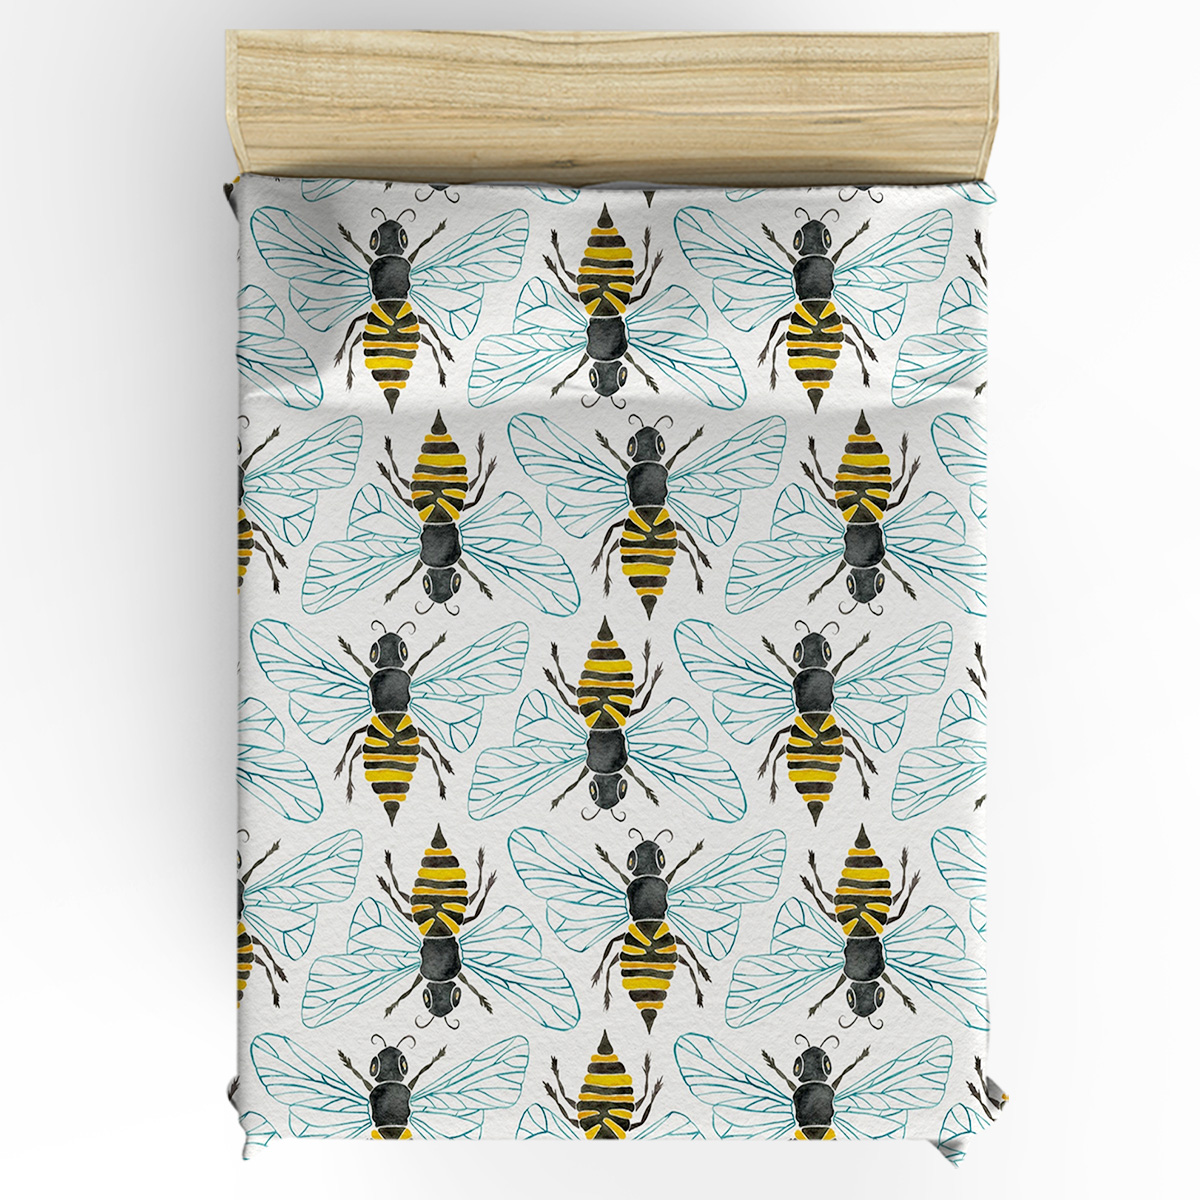 Miel abeille housse de couette 3D coton housse de couette King Size reine taille housse de couette ensemble literie couette unique ensembles de literie - 2